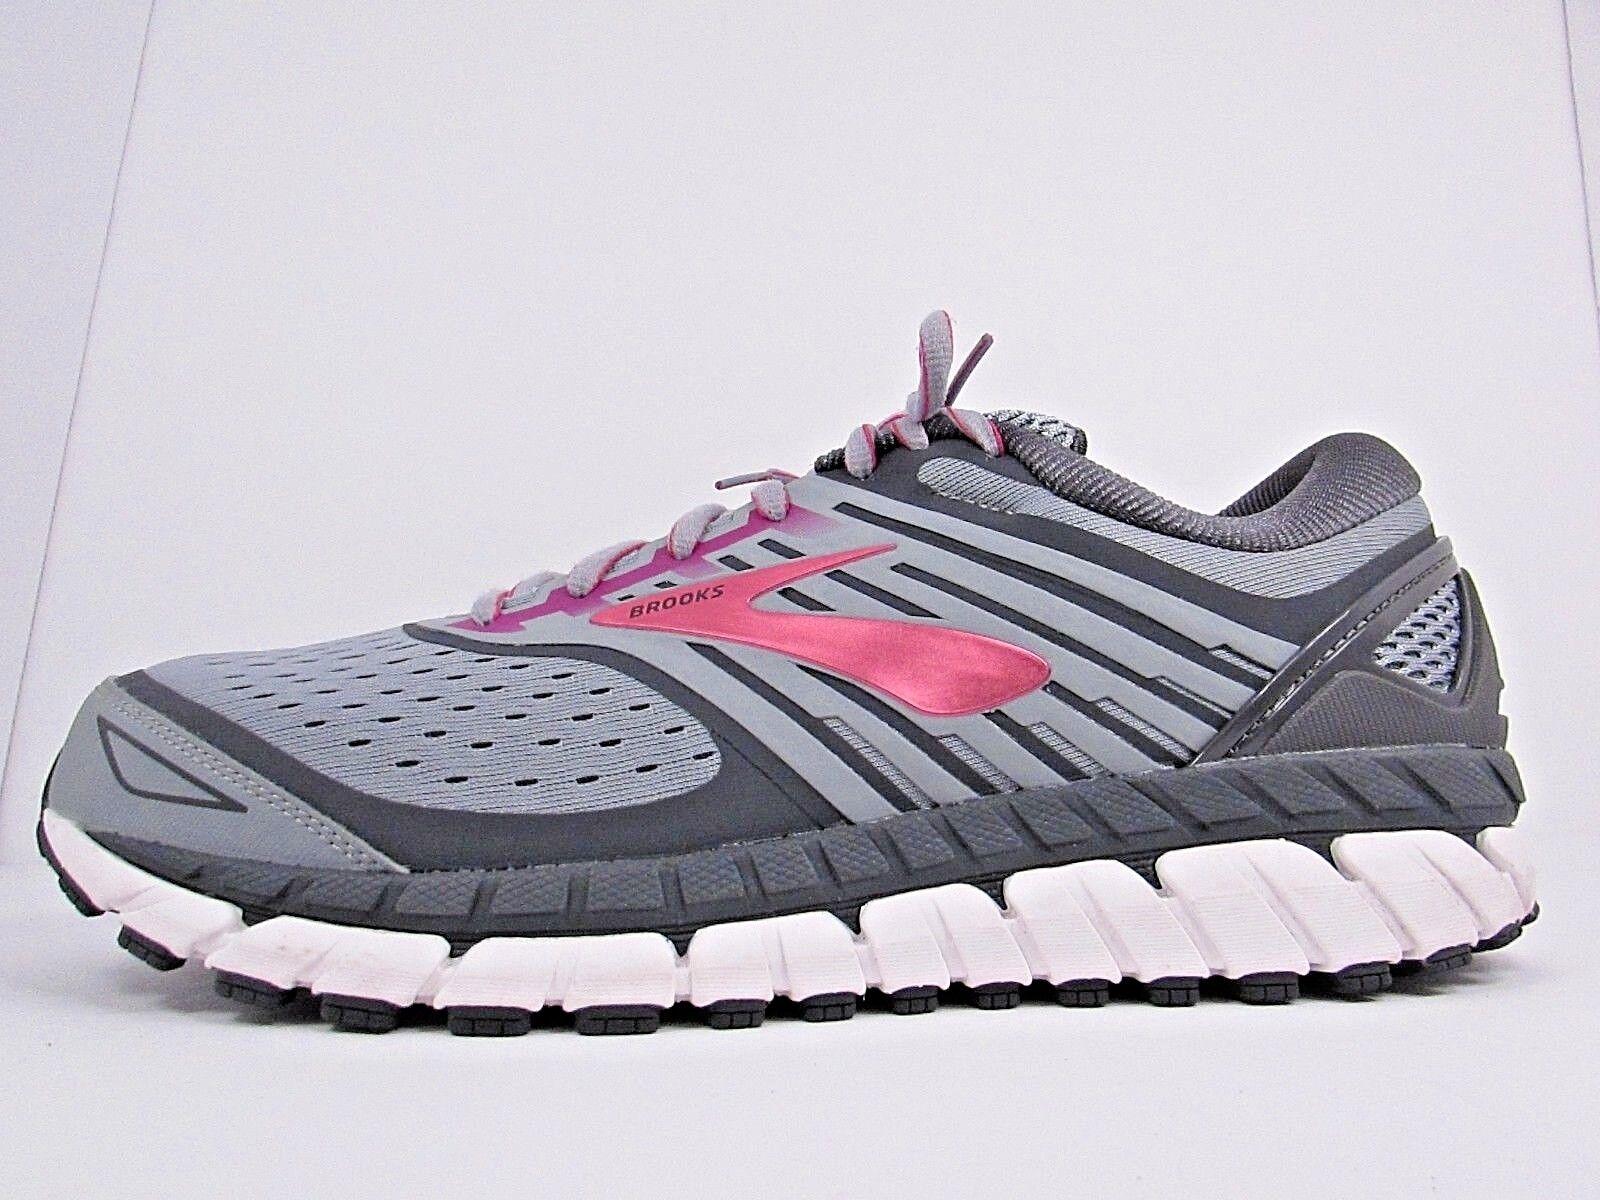 Damen BROOKS ARIEL 18 Größe 12 I WORN AROUND 2 MILES  RUNNING Schuhe